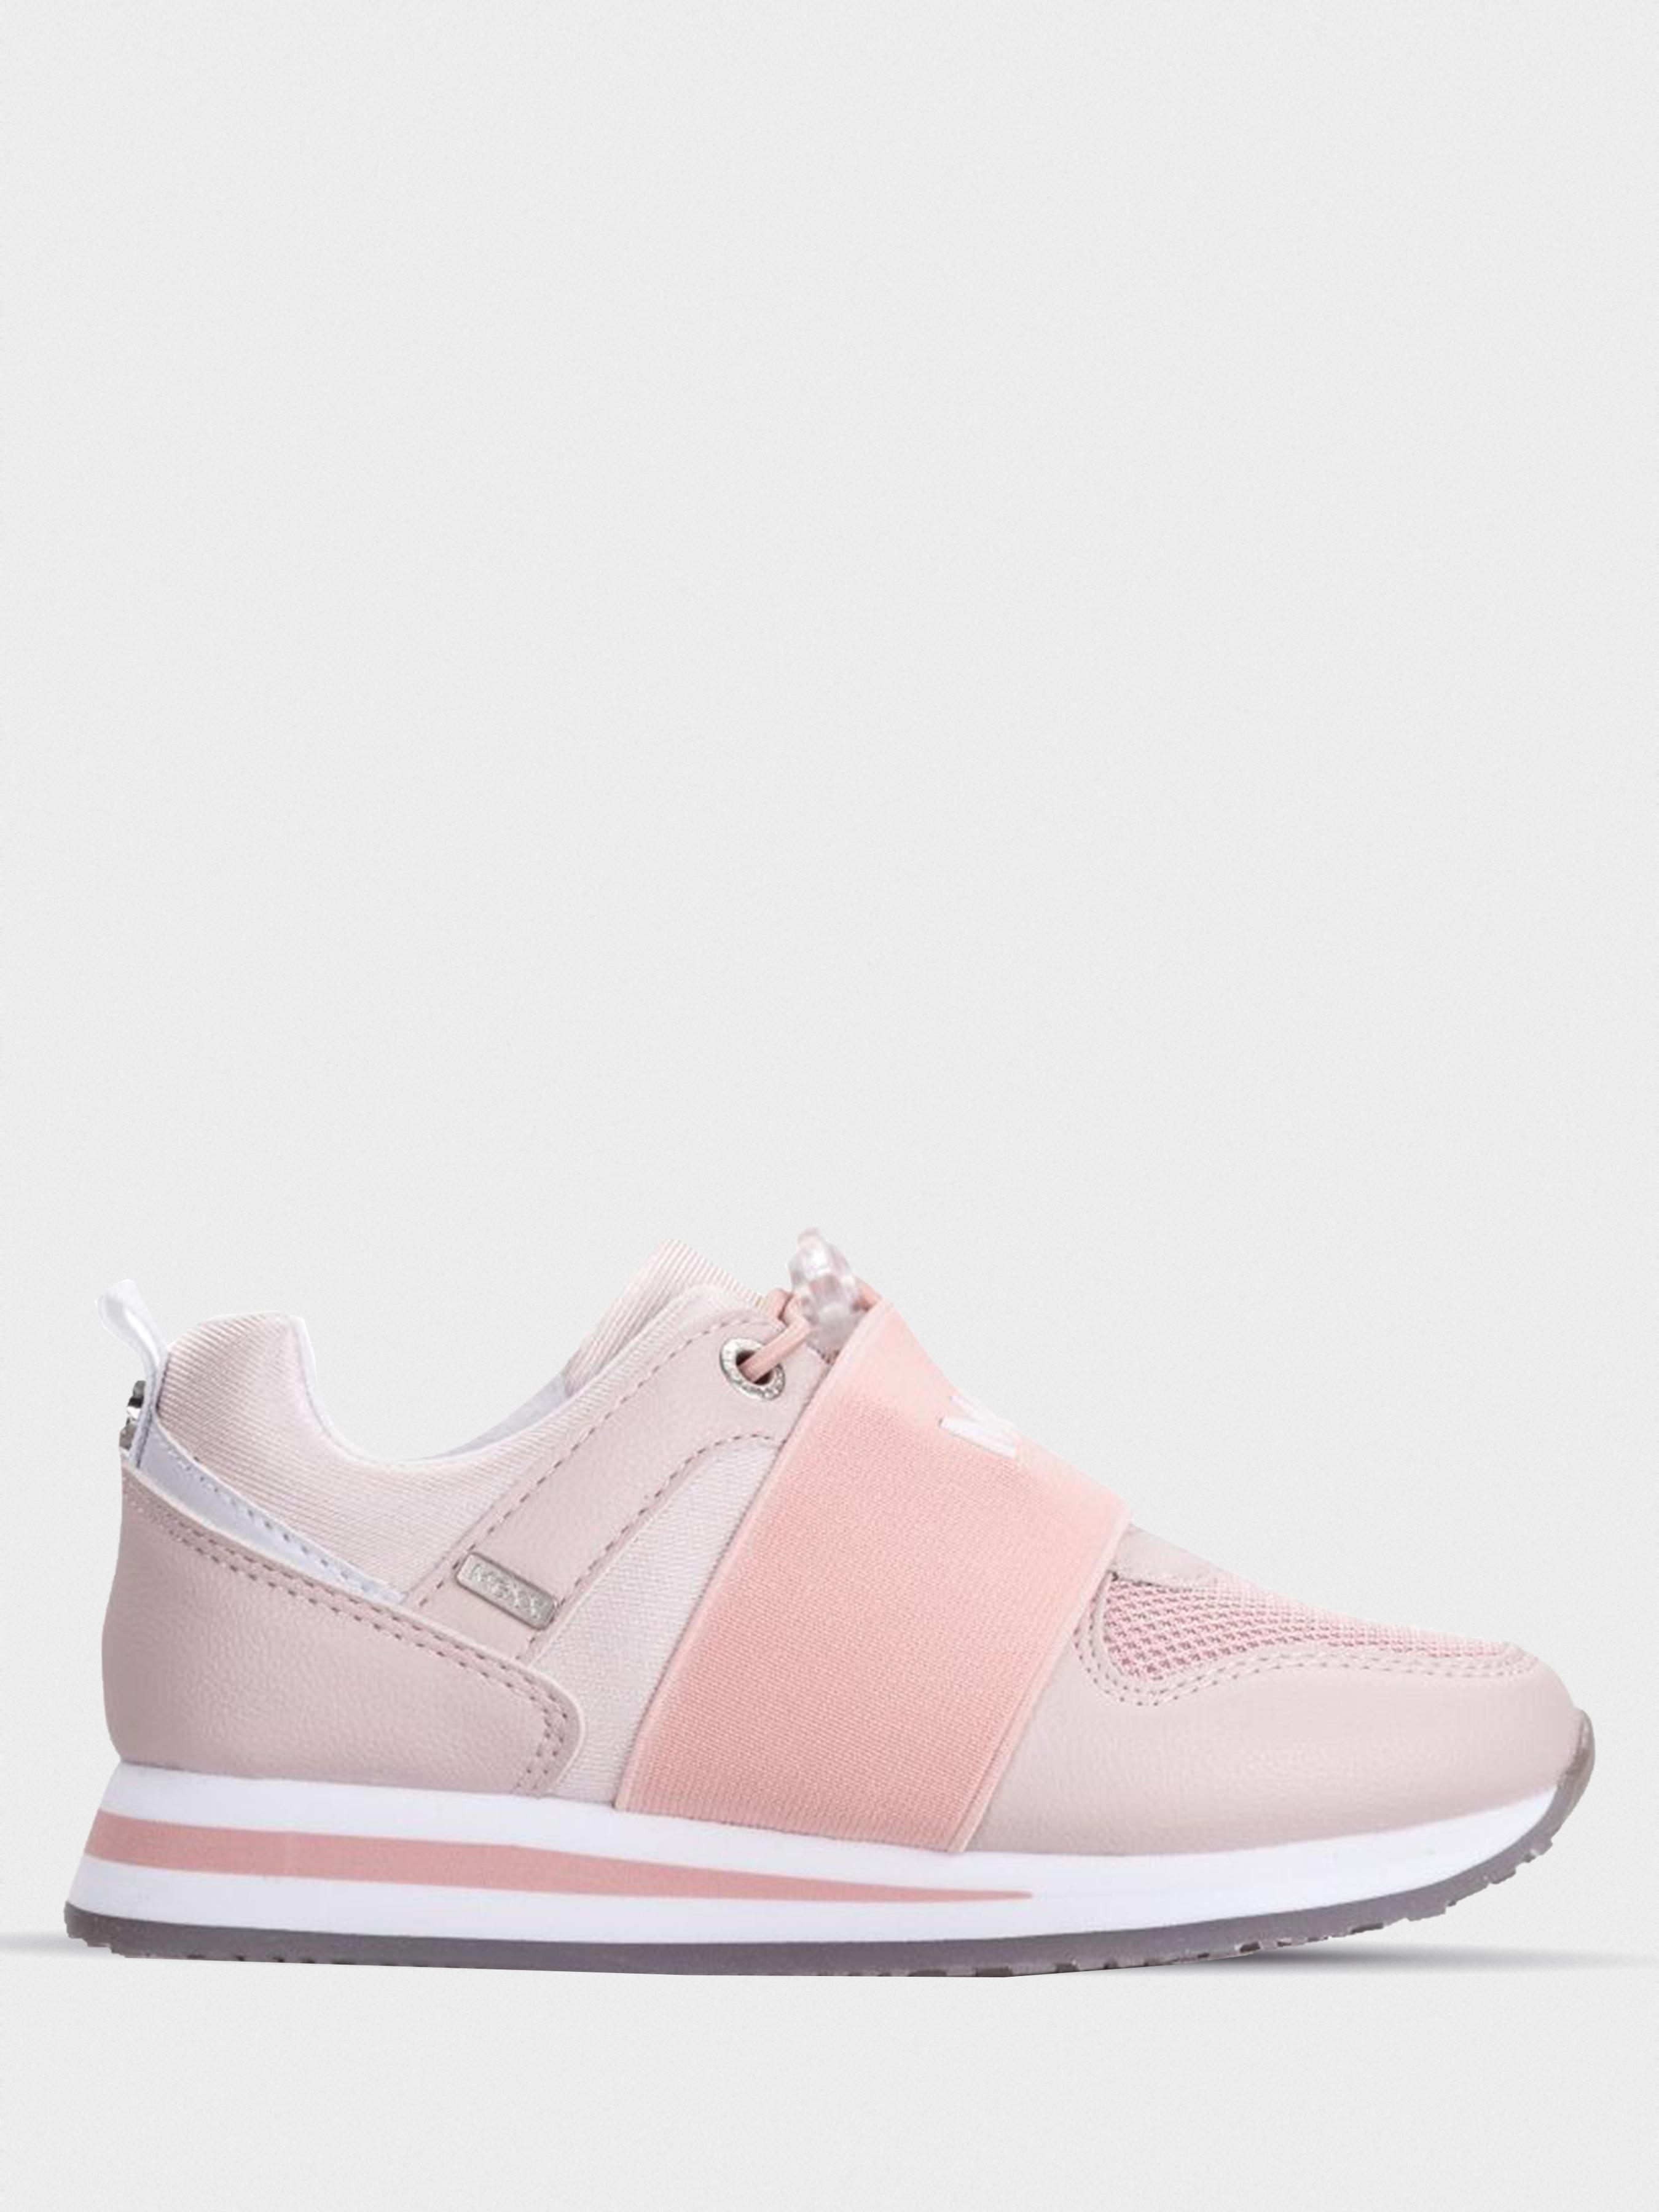 Кросівки  дитячі MEXX Cathelijne 7N9 продаж, 2017